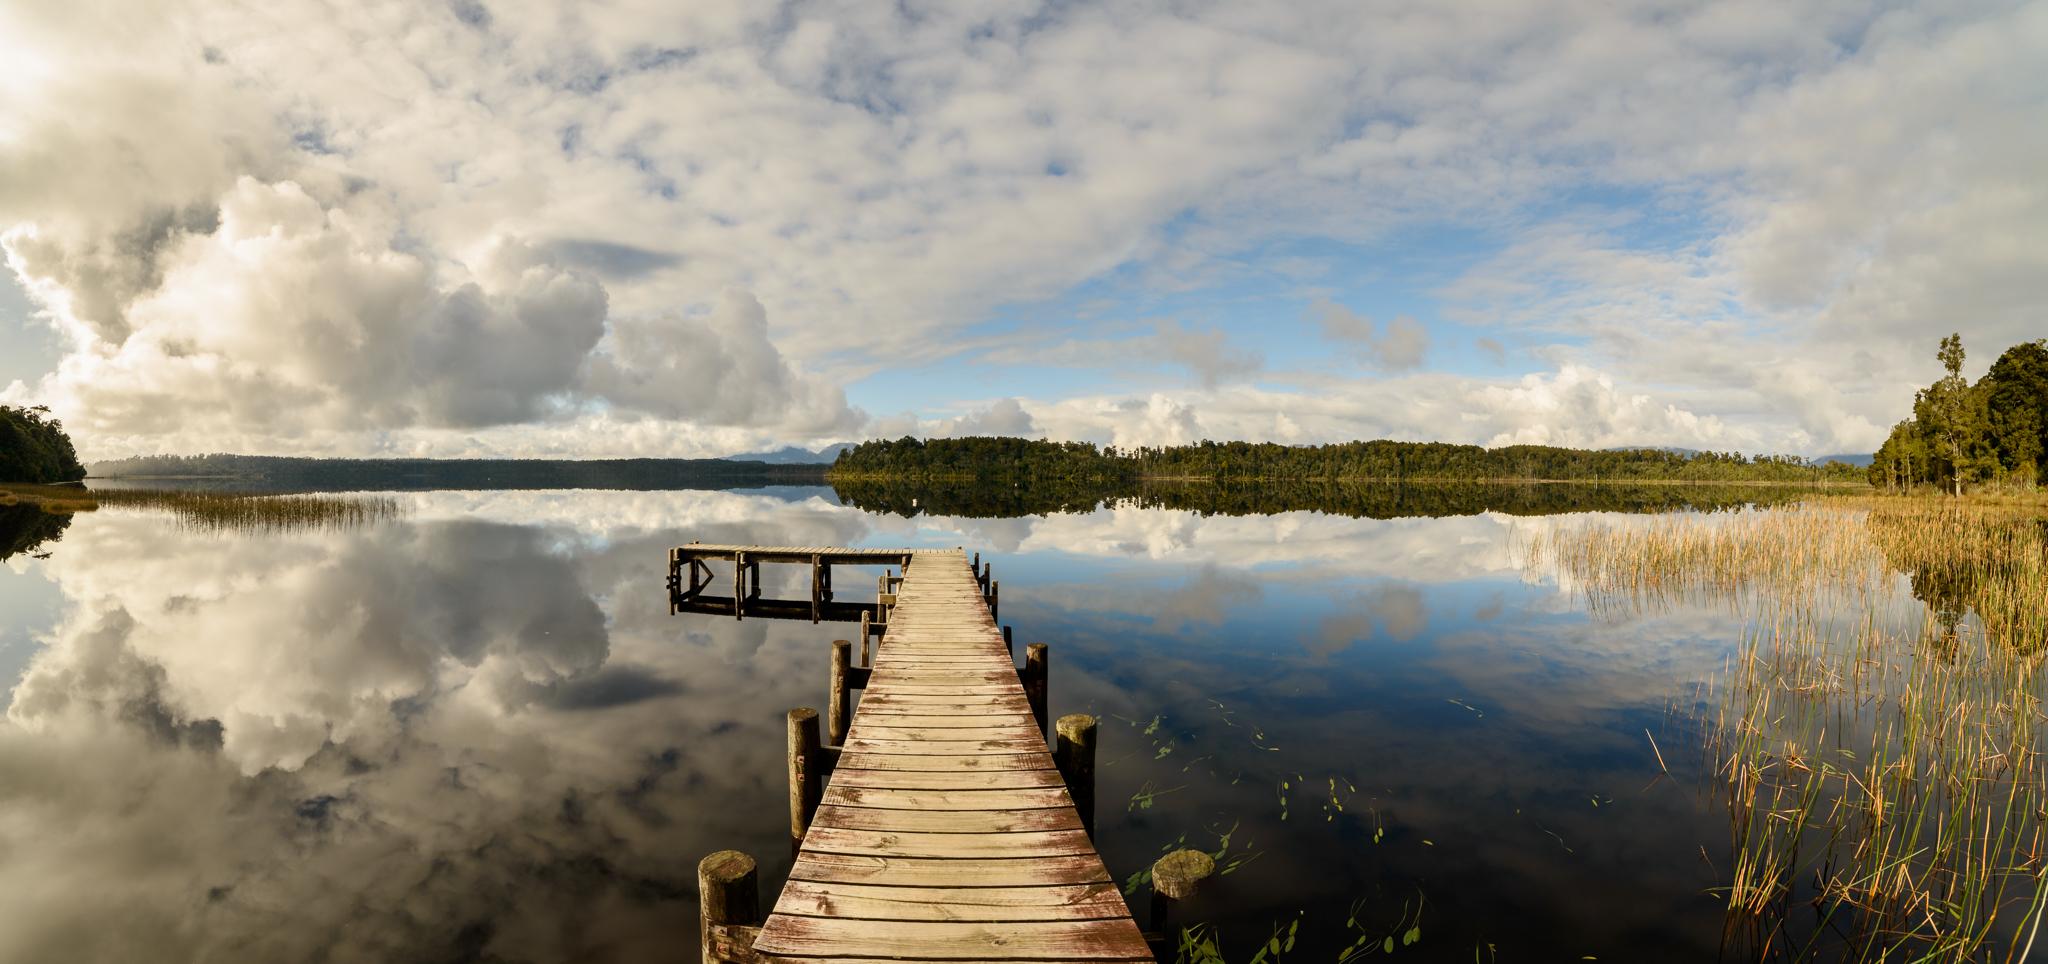 Lake Mahinapua, like a mirror